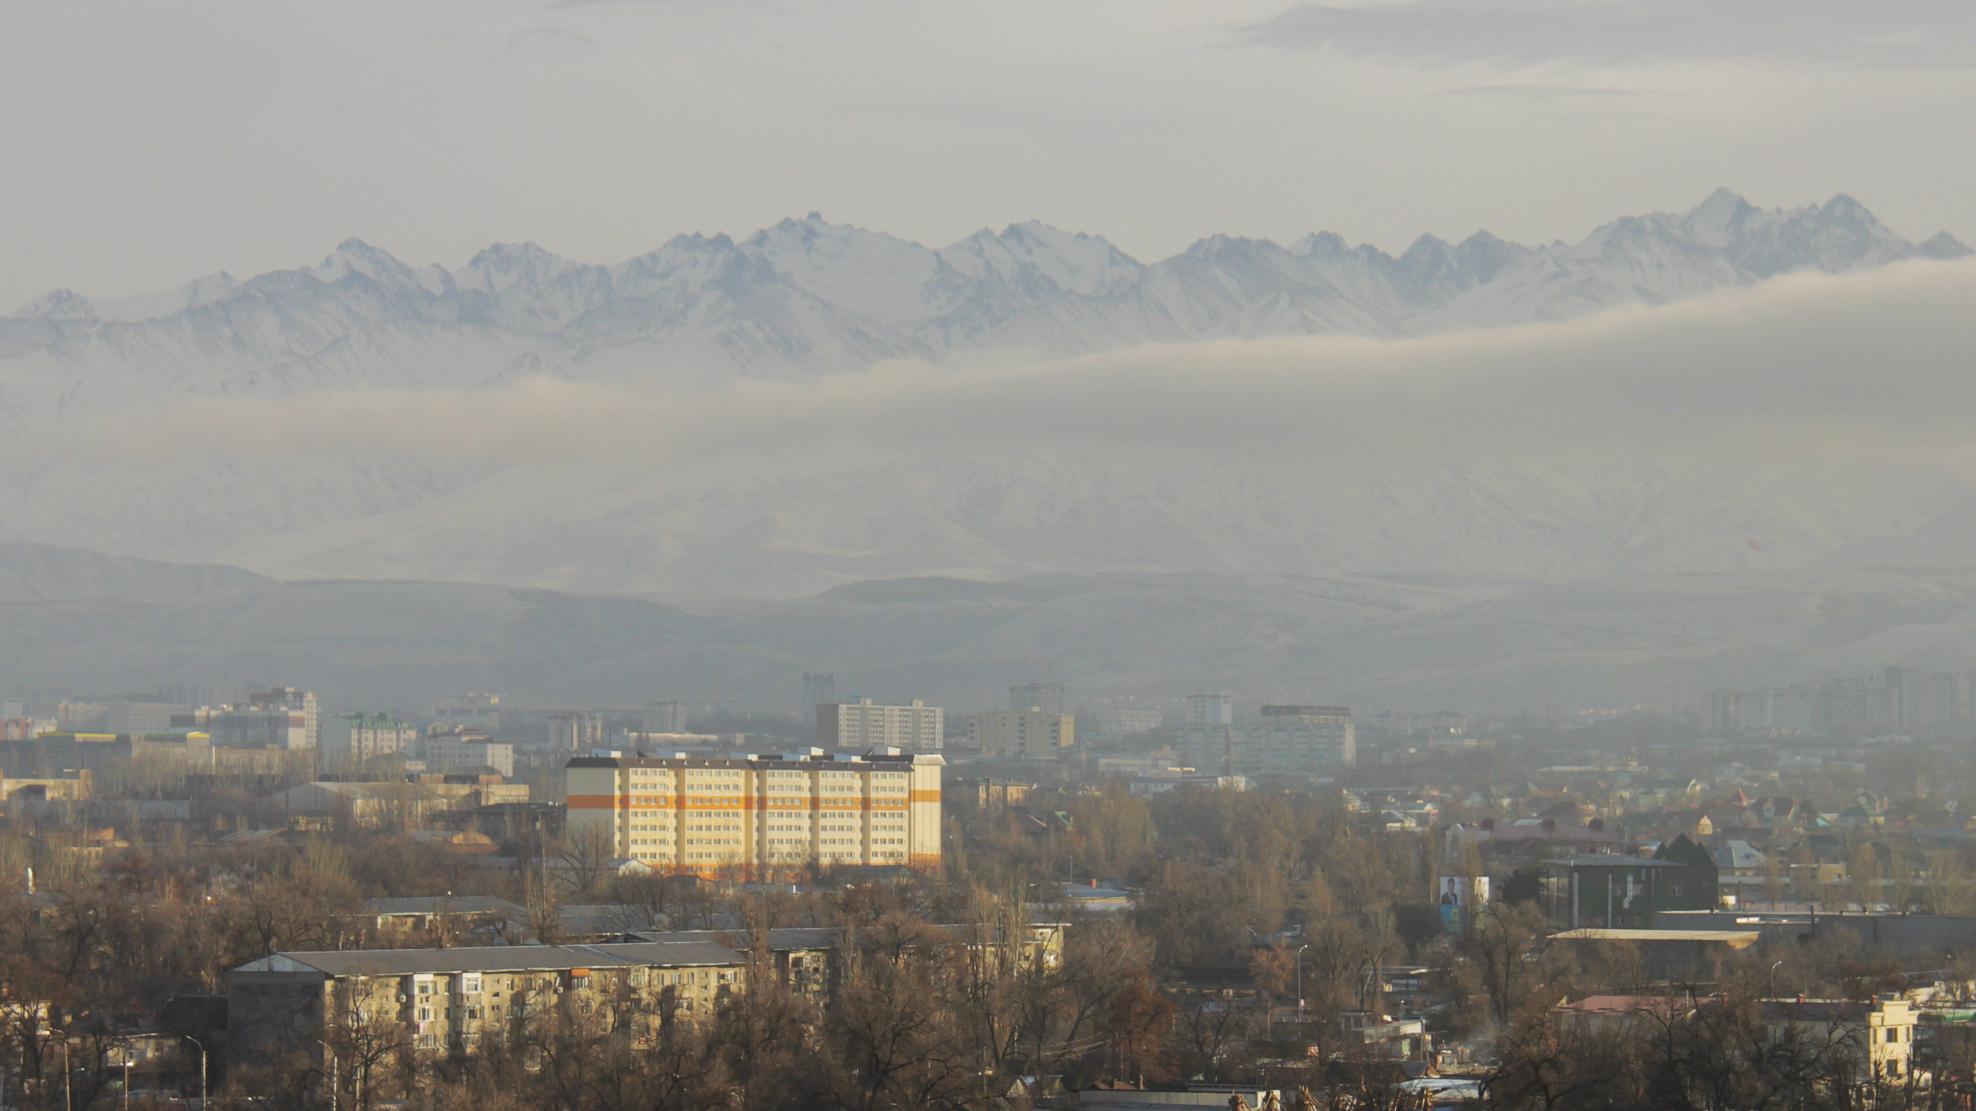 Бишкек, омываемый туманом. И горная гряда, похожая на спину Годзилы.